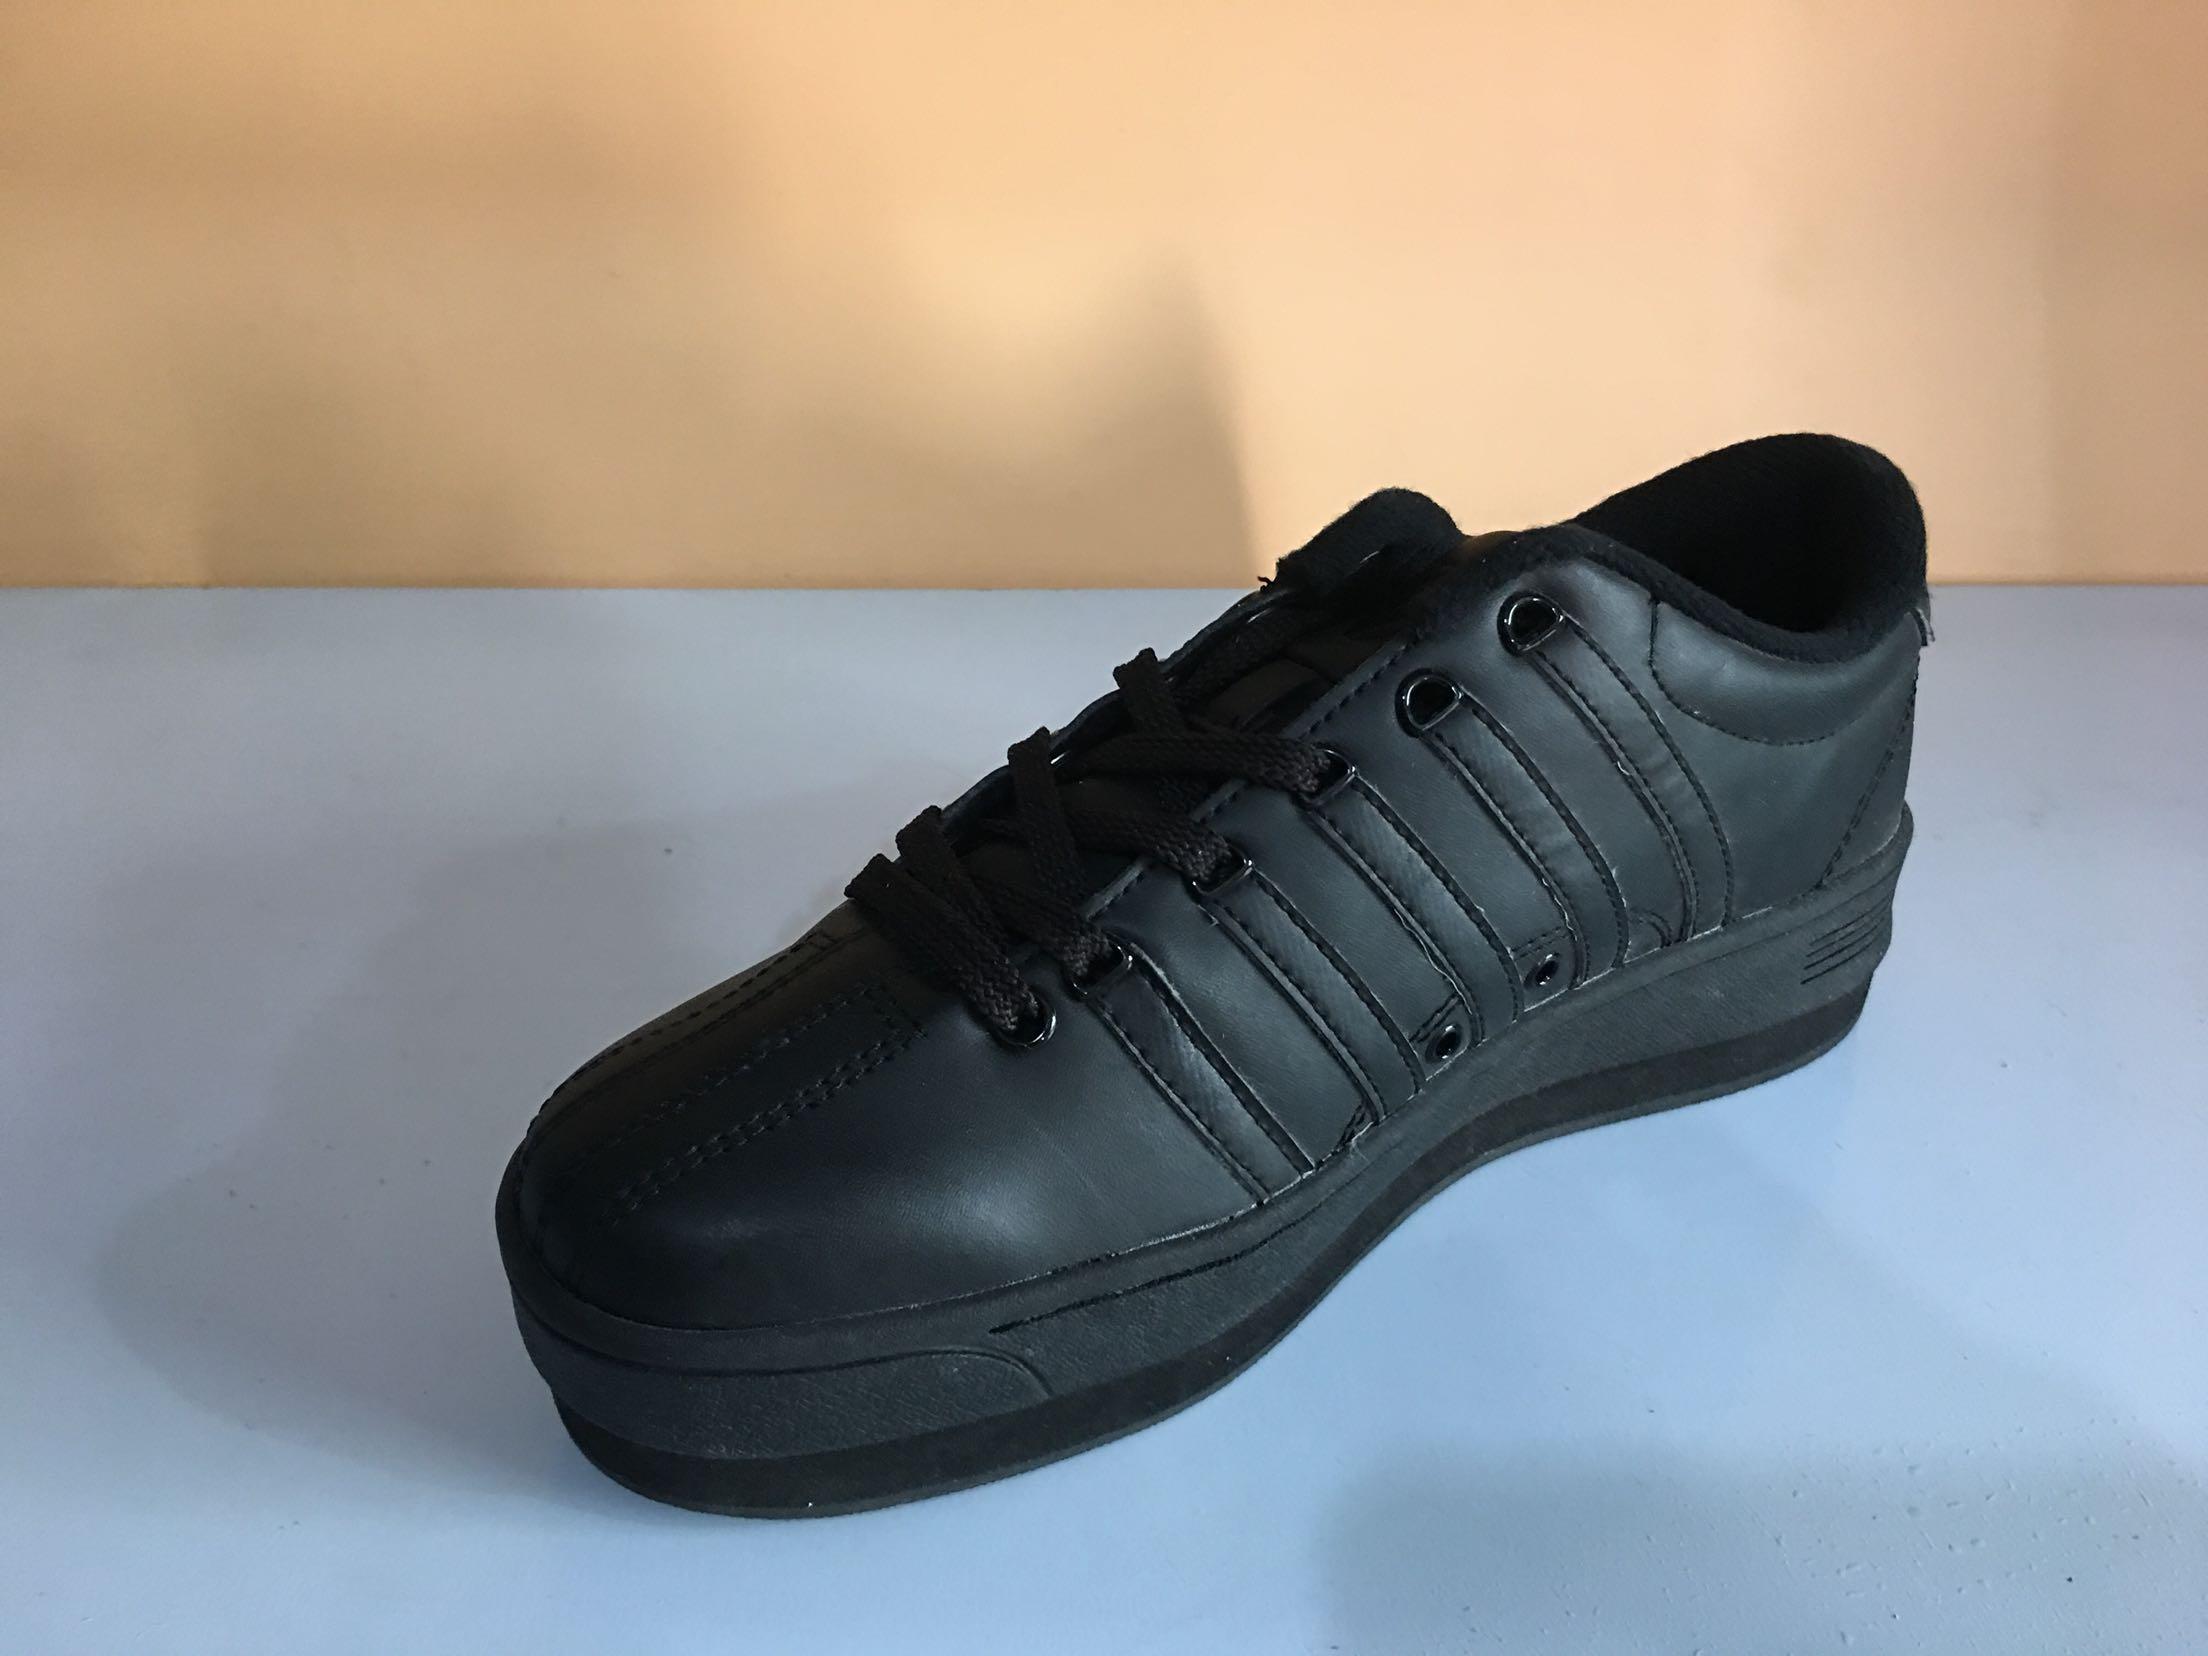 38 松糕鞋 增高鞋 威时尚百搭耐磨休闲鞋牛皮运动板鞋 s 海外版盖